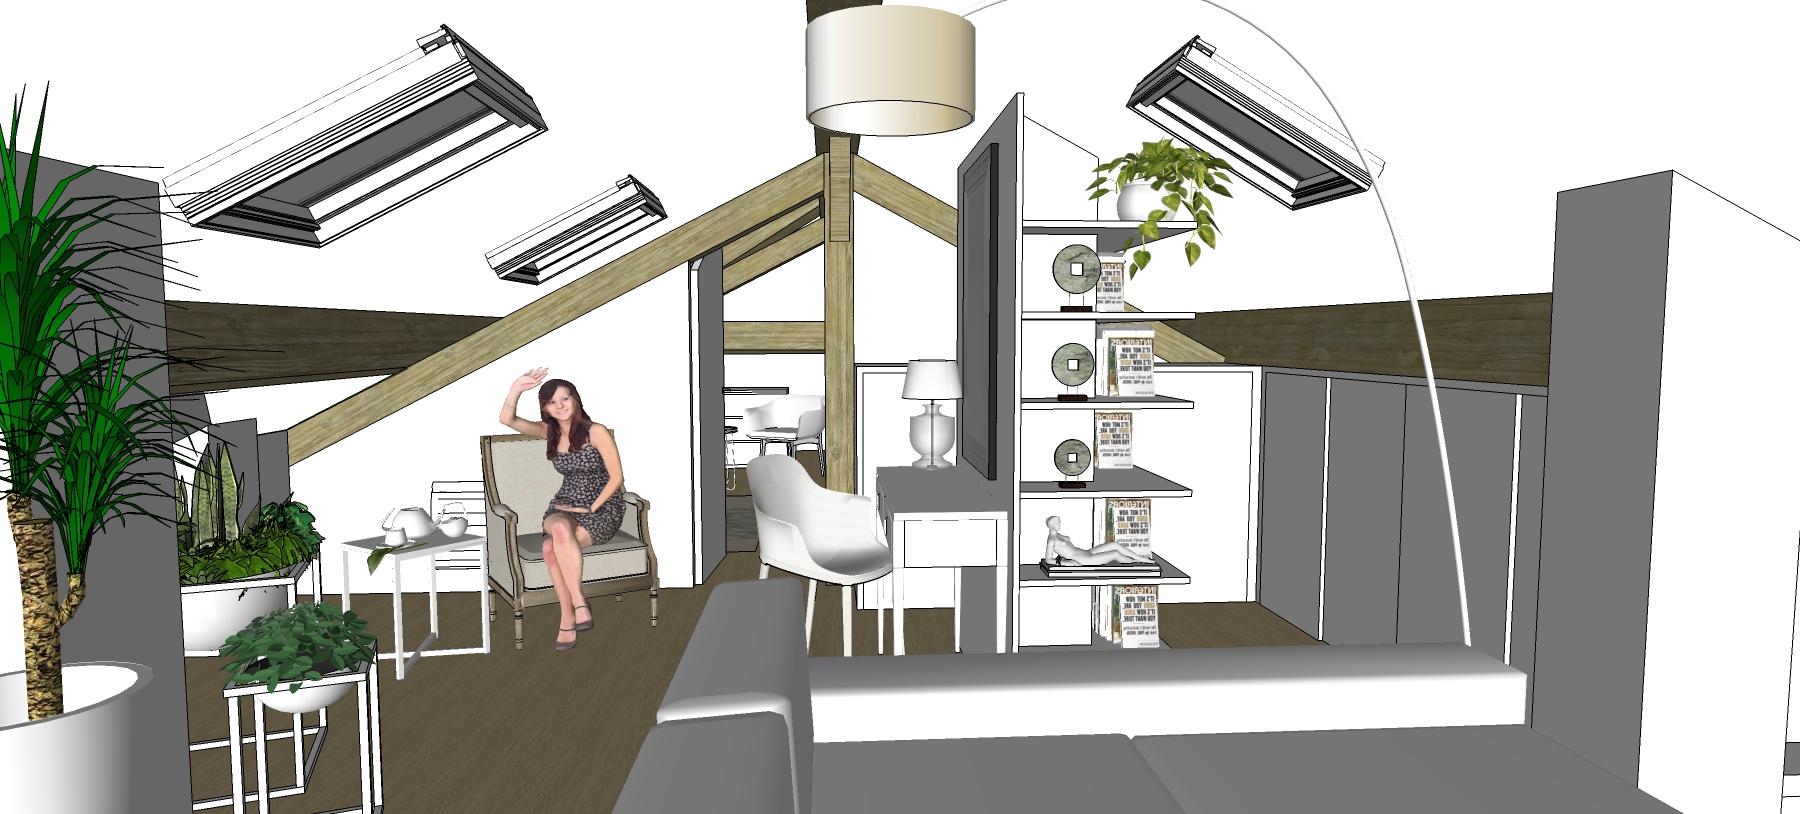 Le petit salon et L'espace bureau - bibliothèque - rangements